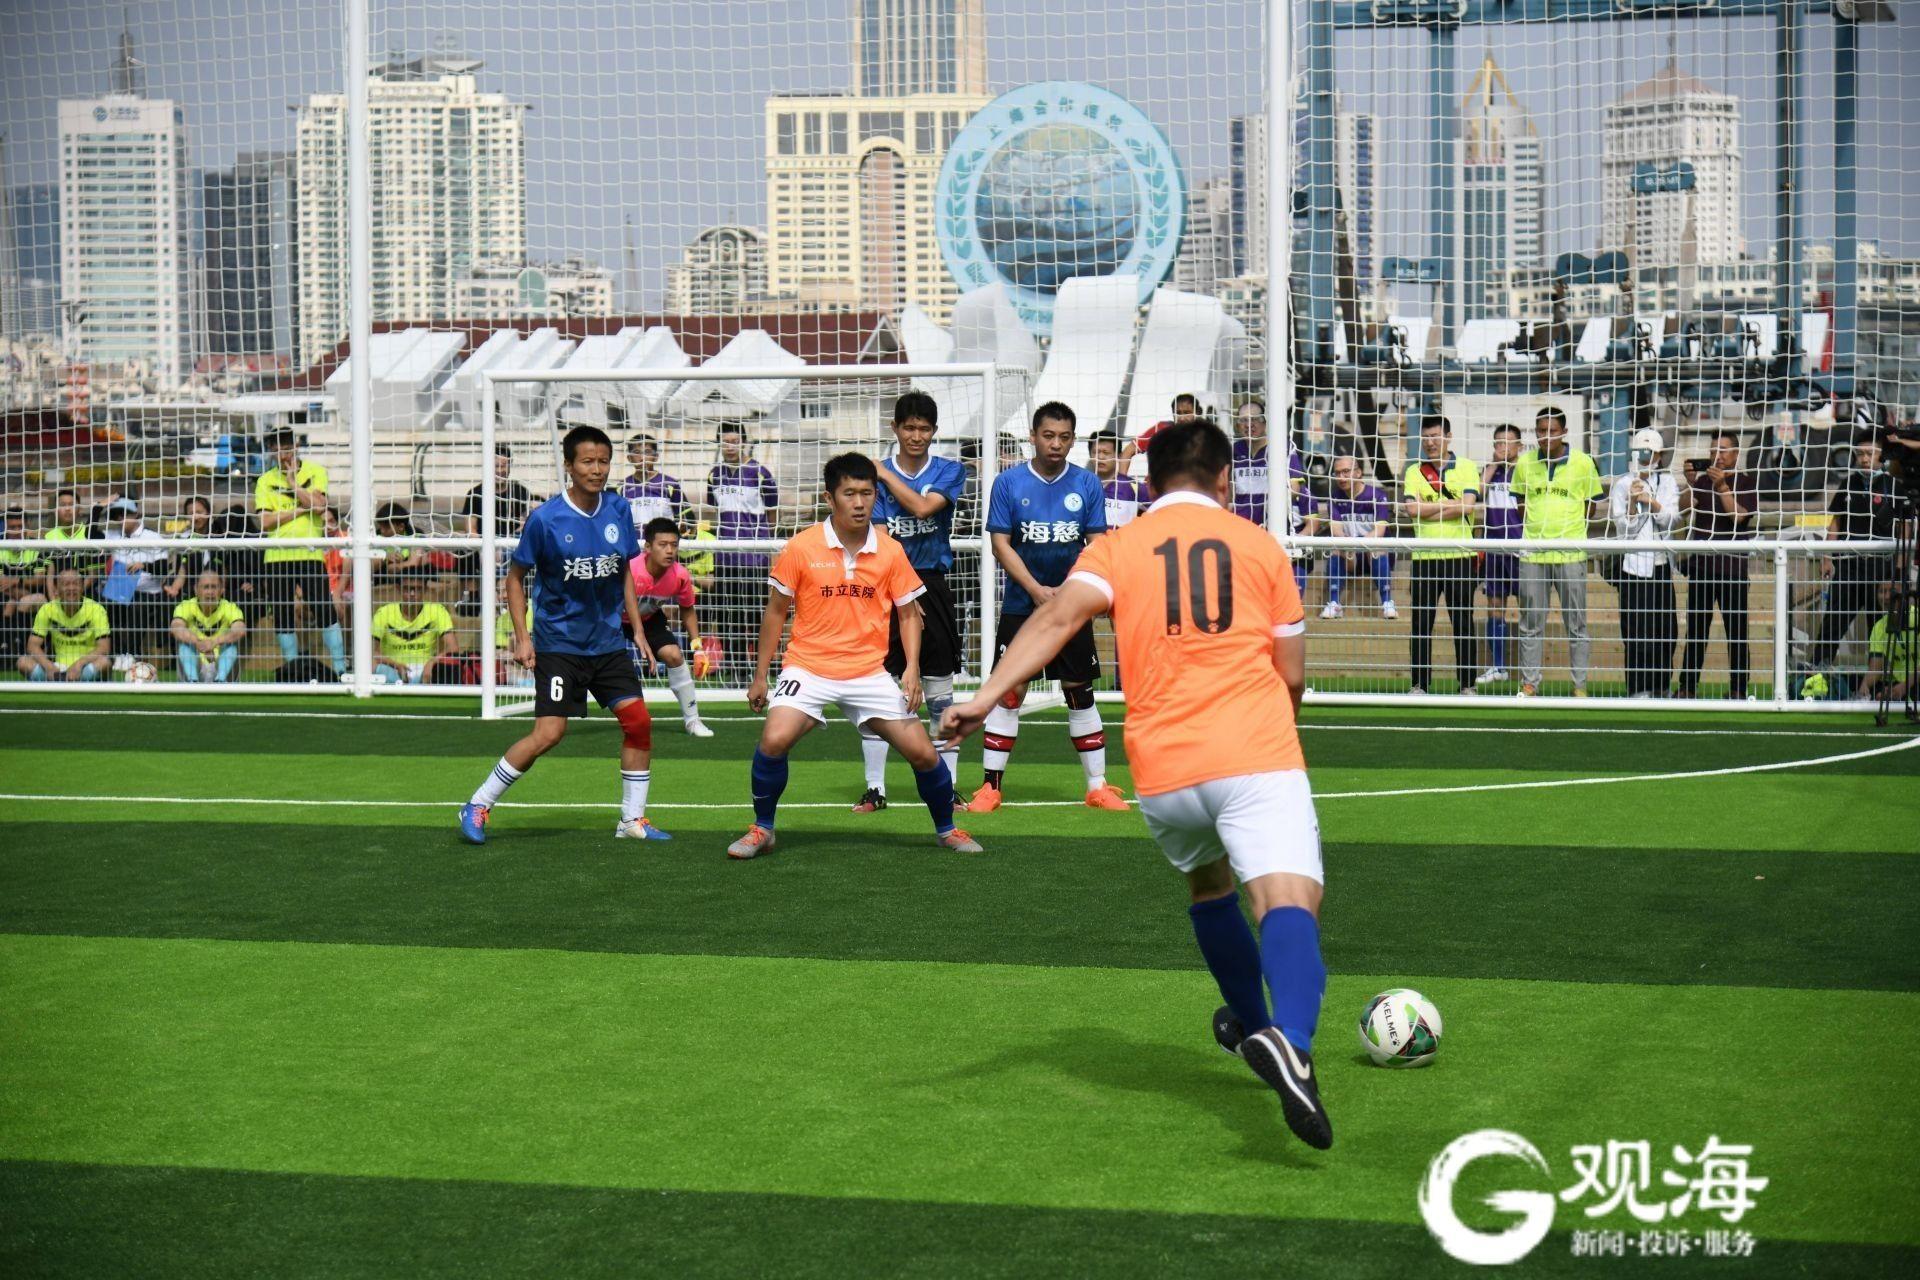 """青岛新建体育场地相当于增加了""""580个标准足球场"""""""